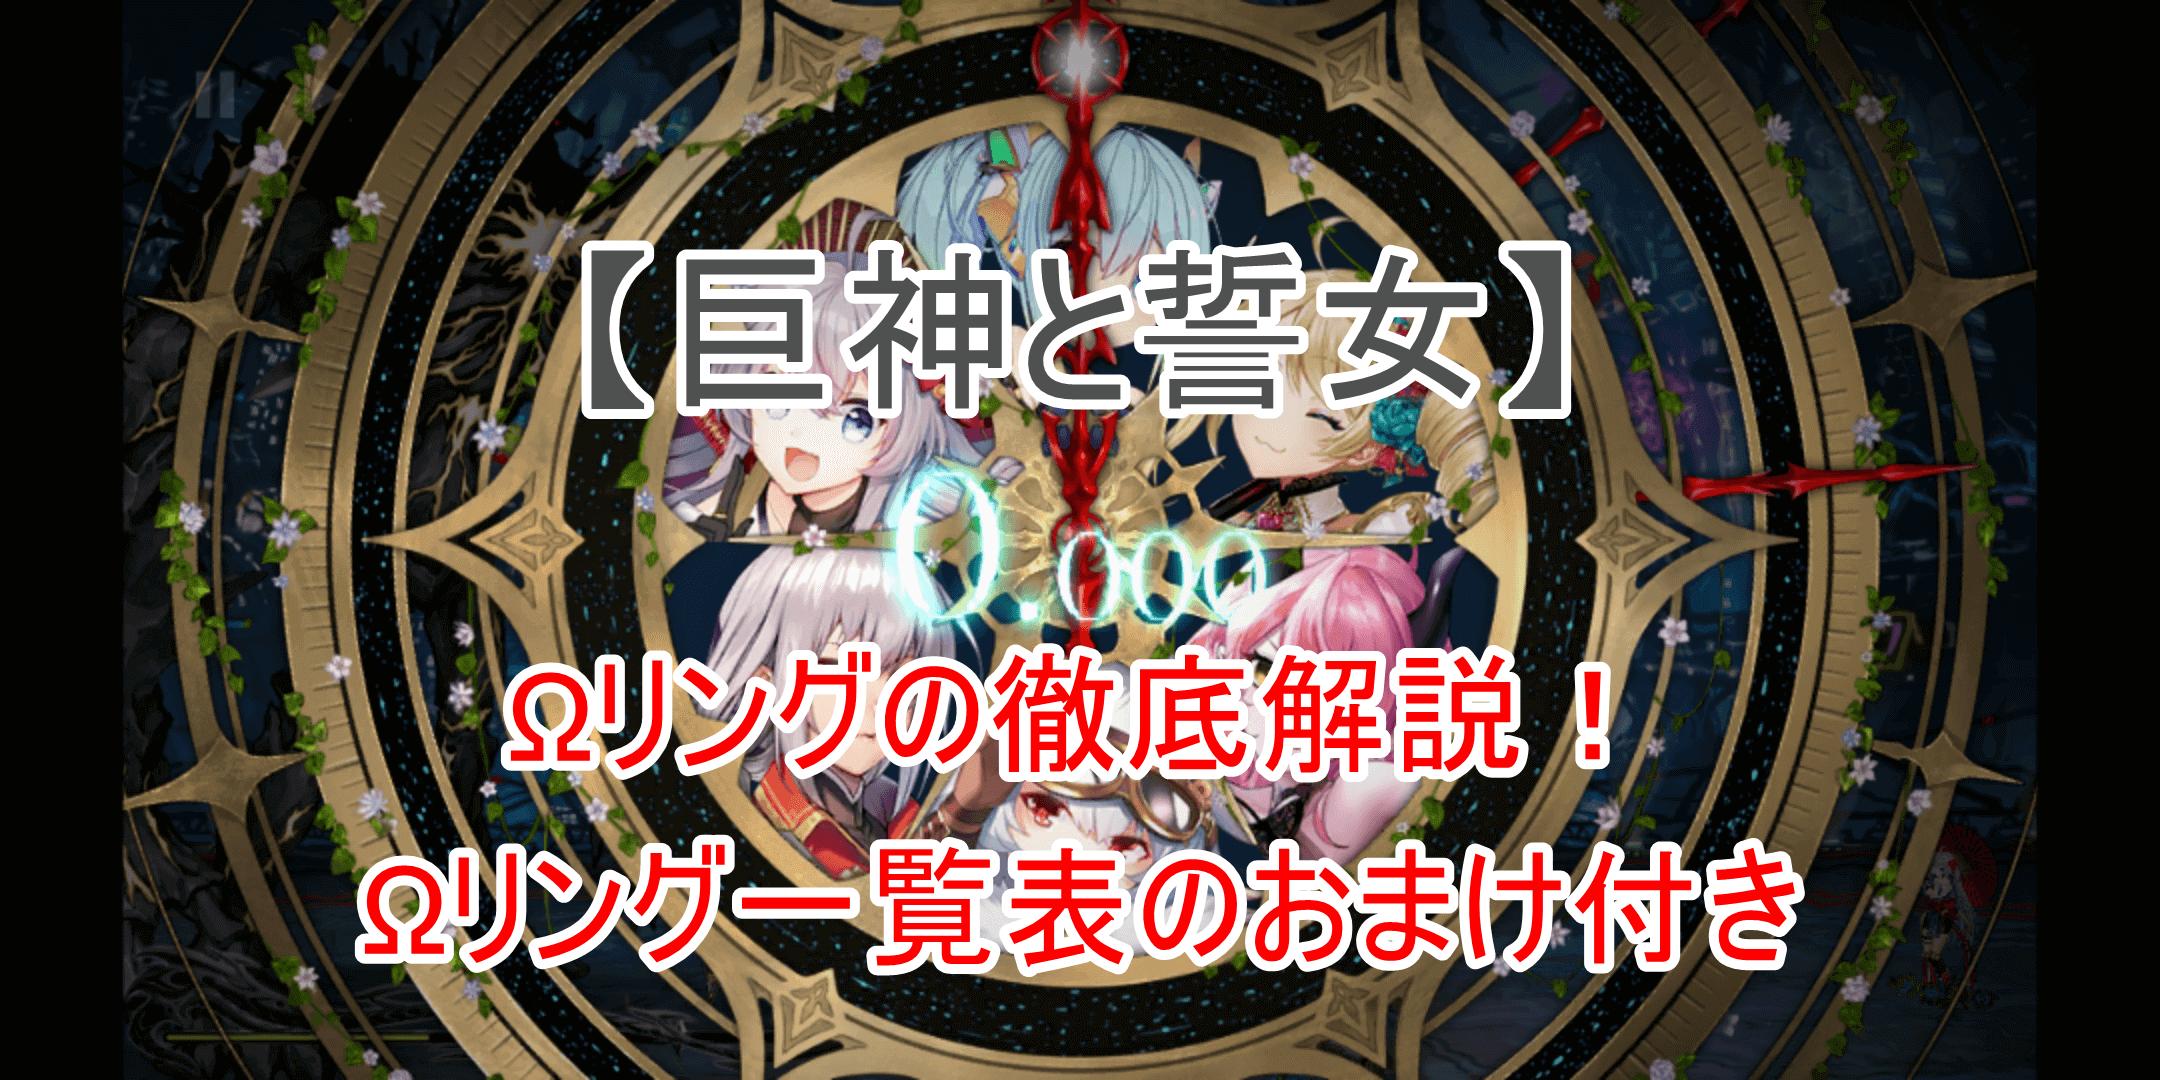 巨神と誓女のΩリングの画面